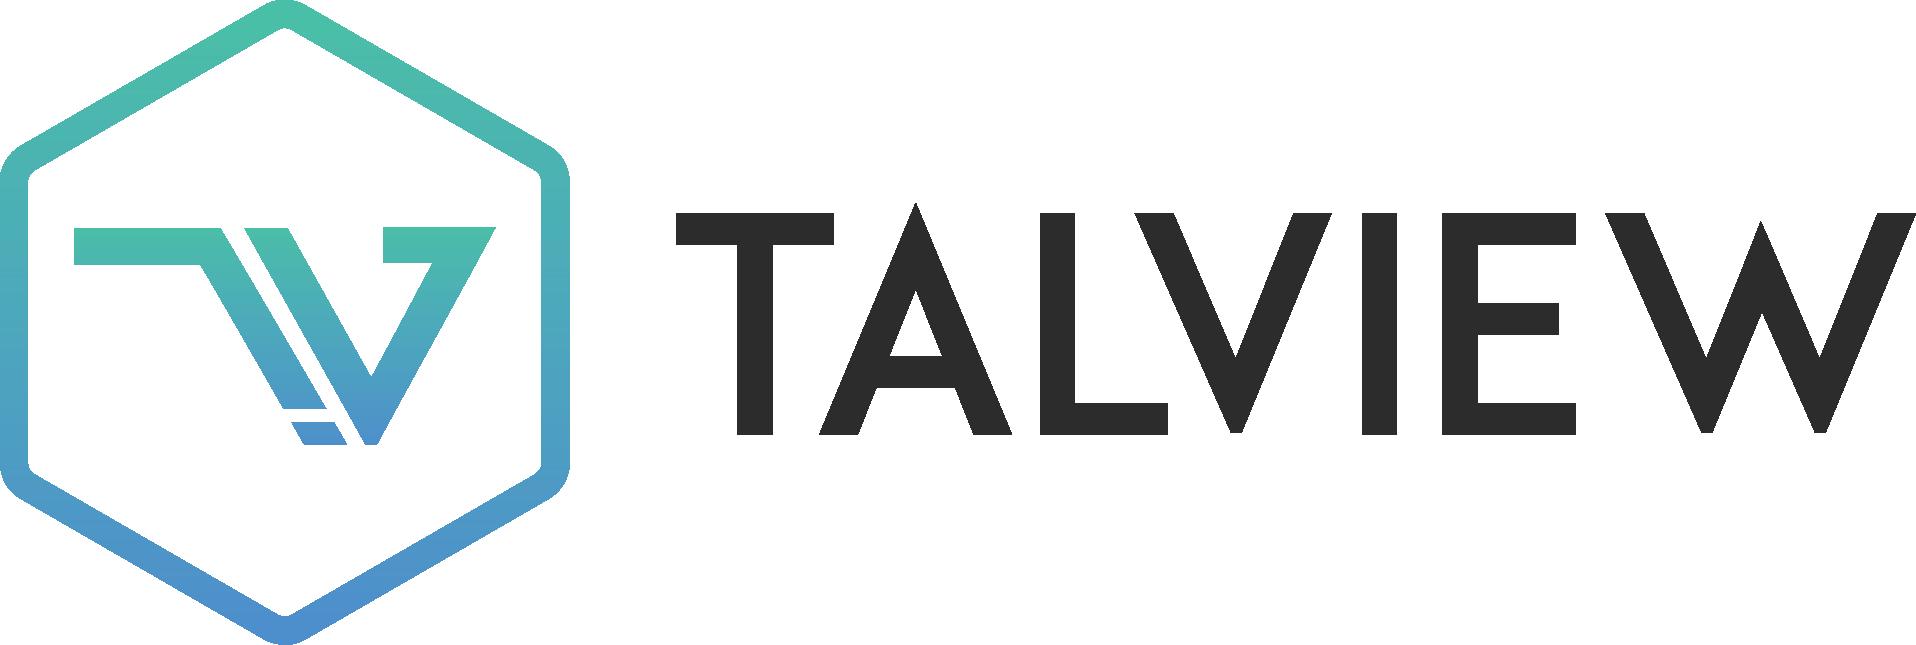 talview2017-logo.png